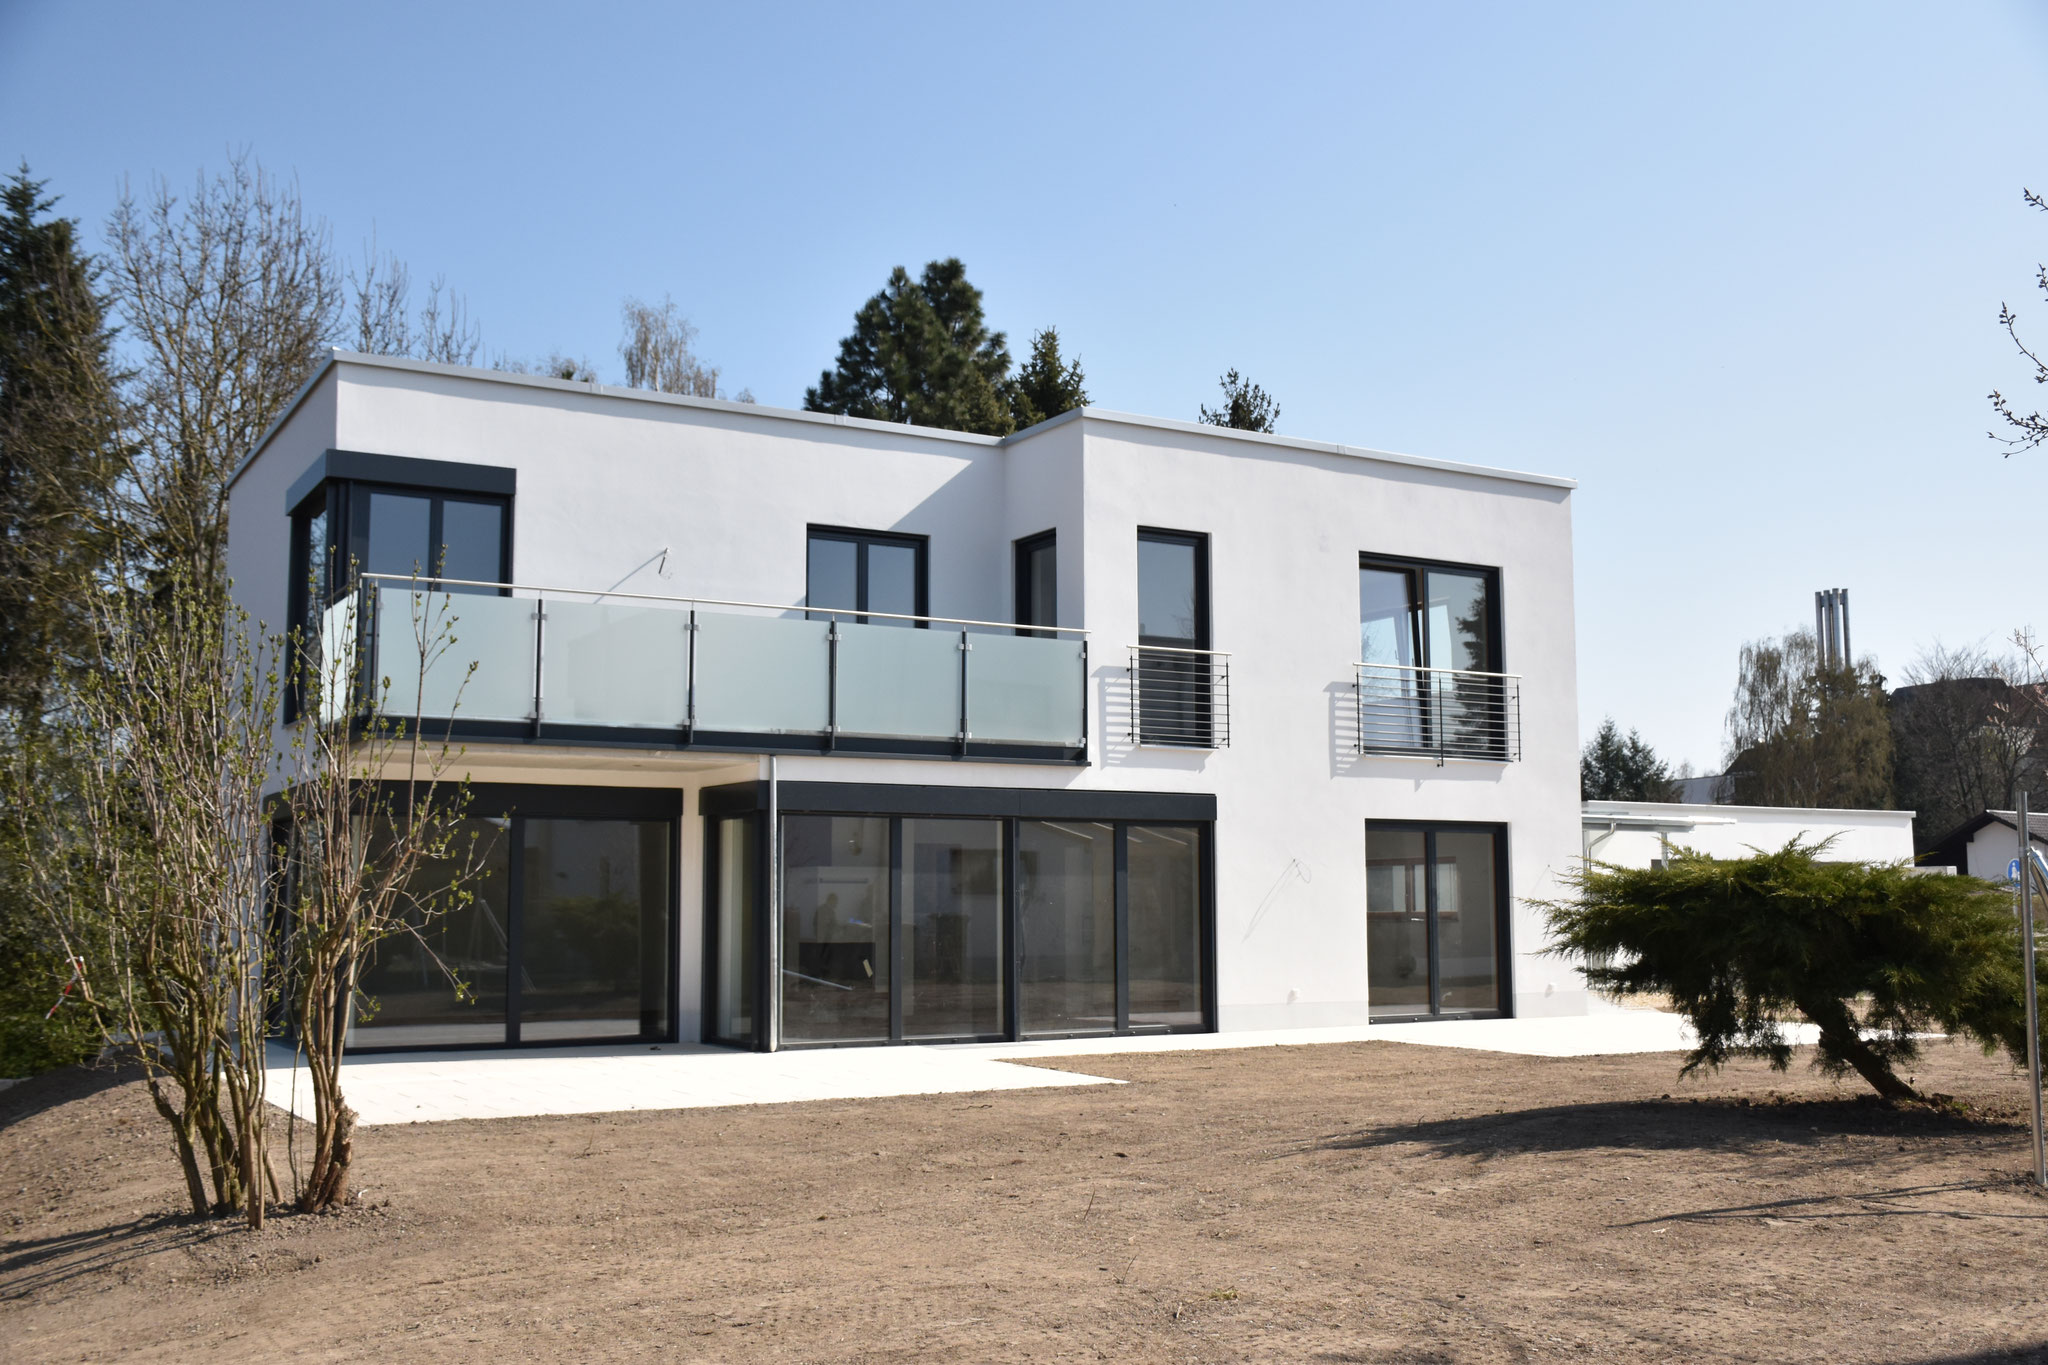 Einfamilienhaus, Vilsbiburg 2017